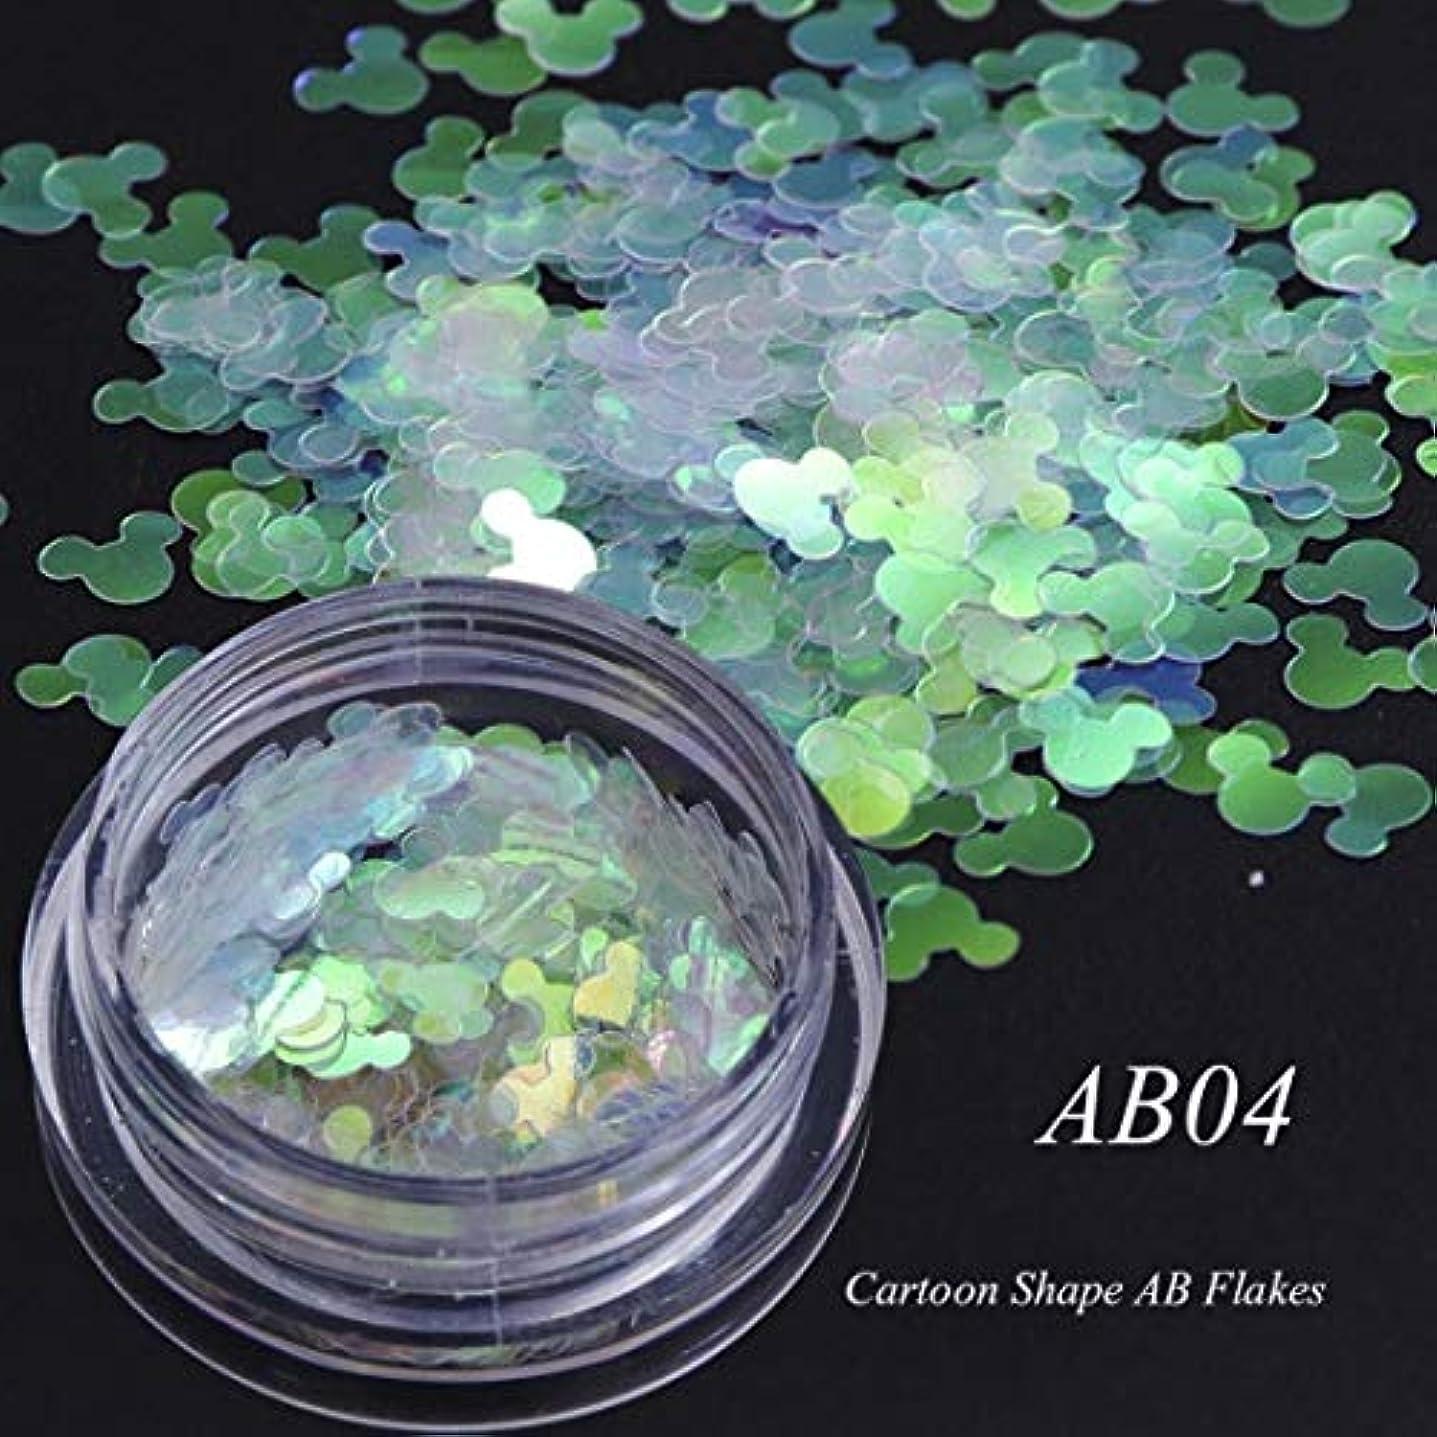 占める孤独著名な手足ビューティーケア 3個のカメレオンカラースパンコールネイルアートグリッターフレークUVジェル装飾ツール(AB01) (色 : AB04)